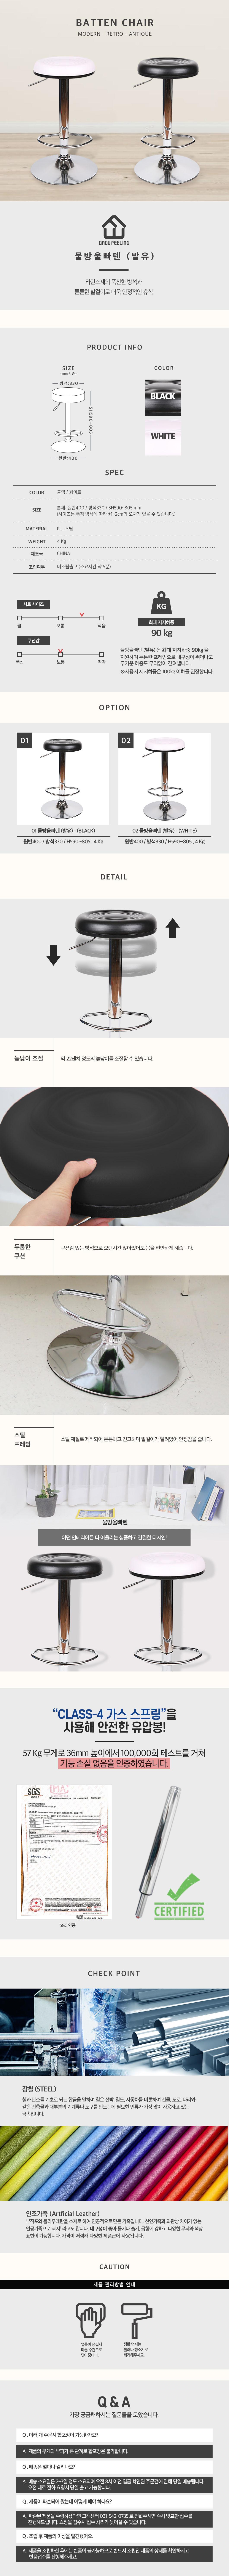 [가구느낌] 물방울빠텐(발유) 아일랜드식탁 홈바 바텐의자 - 가구느낌, 28,900원, 디자인 의자, 바의자